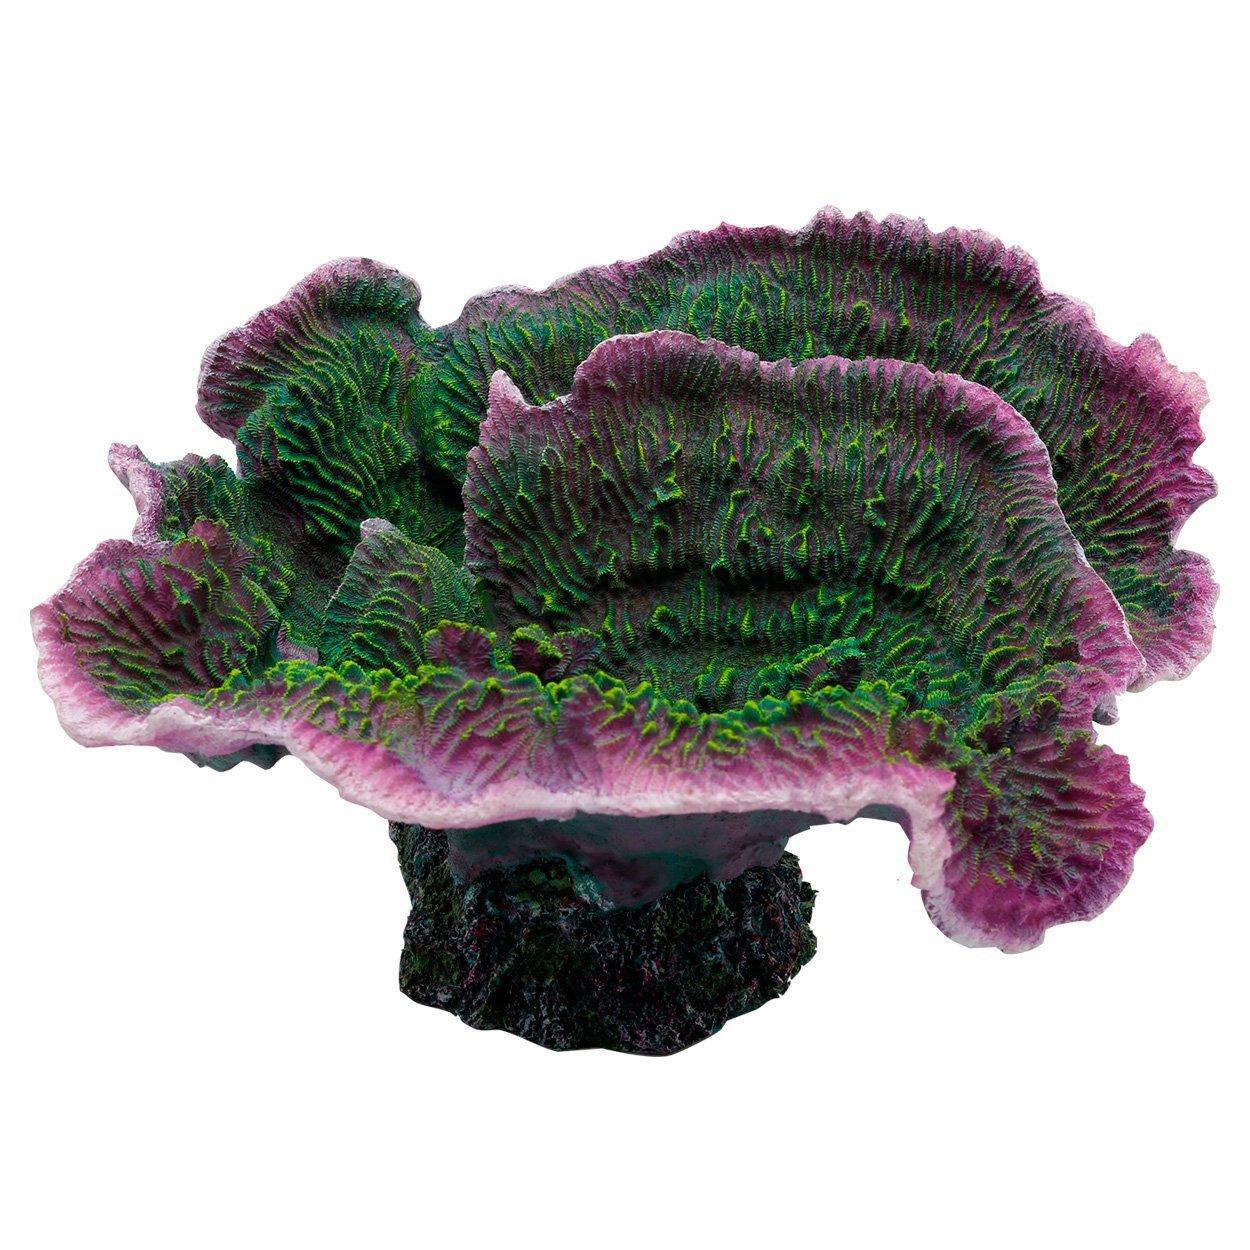 Underwater Treasures Montipora Coral - Purple Rim by Underwater Treasures